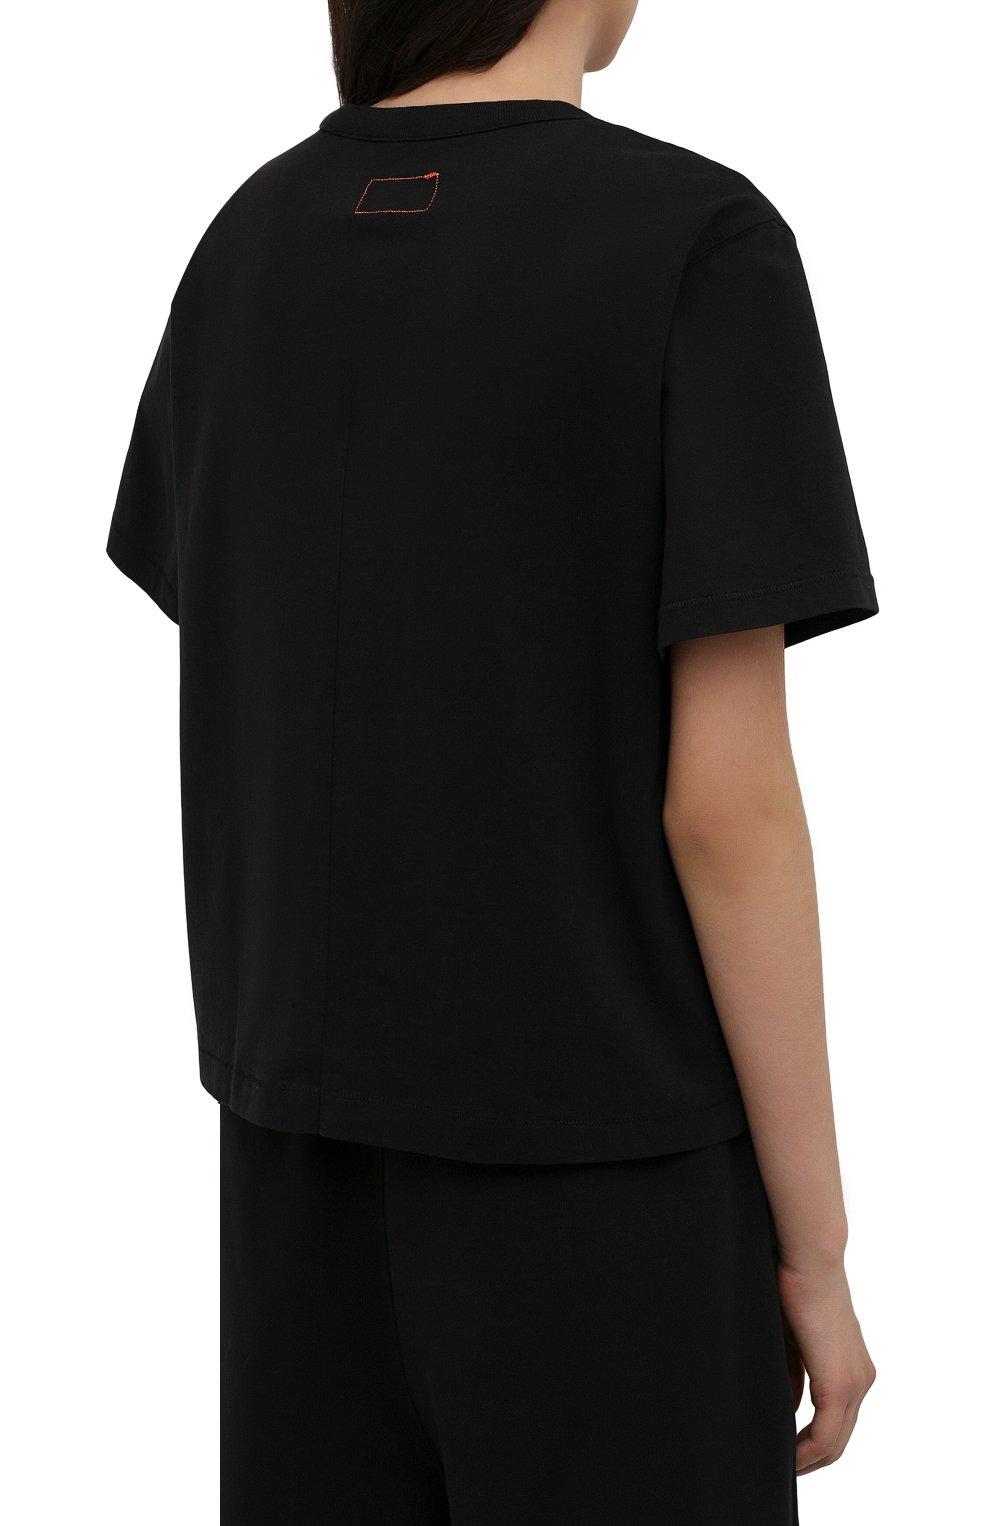 Женская хлопковая футболка HERON PRESTON FOR CALVIN KLEIN черного цвета, арт. K10K108252   Фото 4 (Женское Кросс-КТ: Футболка-спорт; Принт: Без принта; Рукава: Короткие; Длина (для топов): Стандартные; Материал внешний: Хлопок; Стили: Спорт-шик)